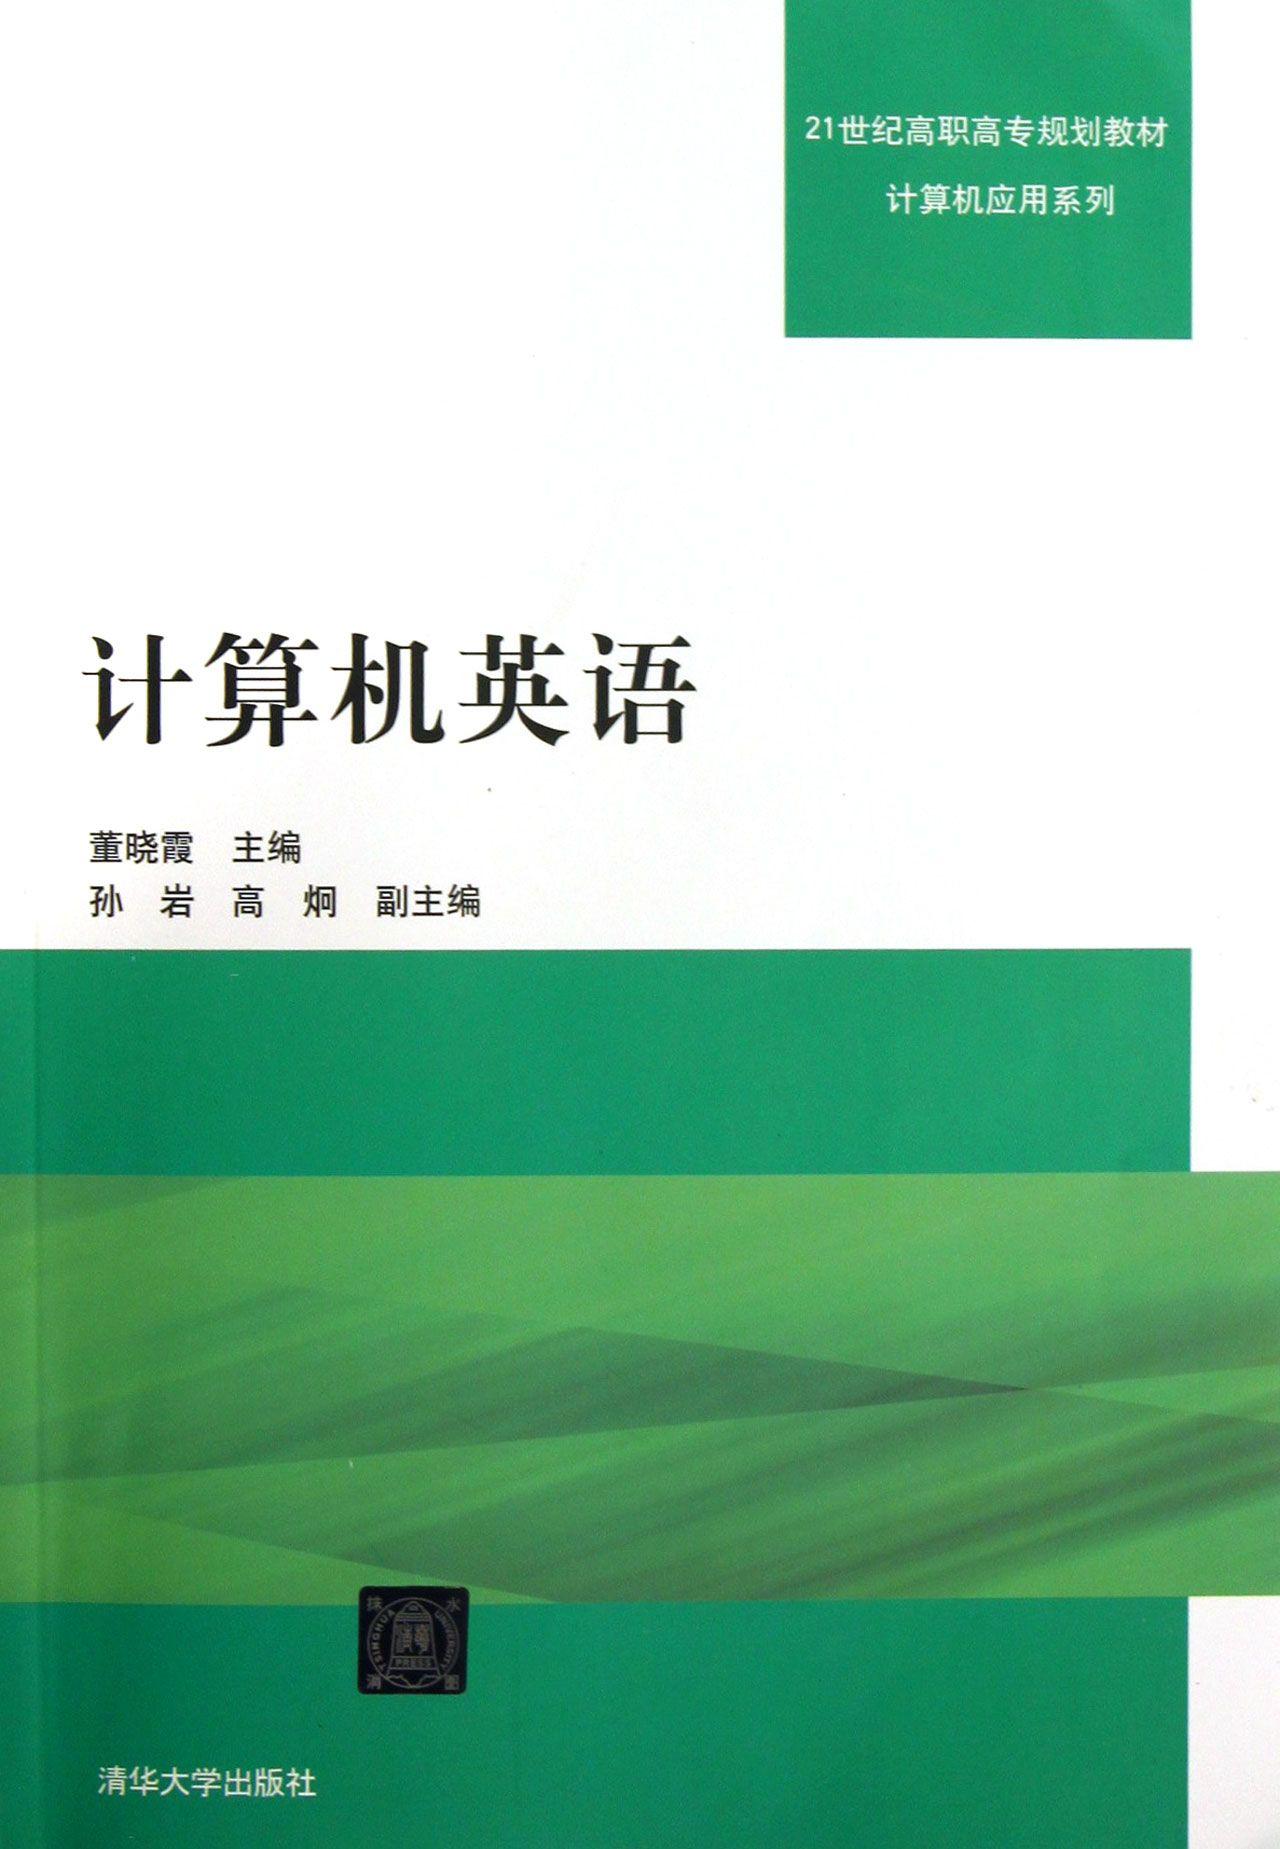 计算机英语(21世纪高职高专规划教材)